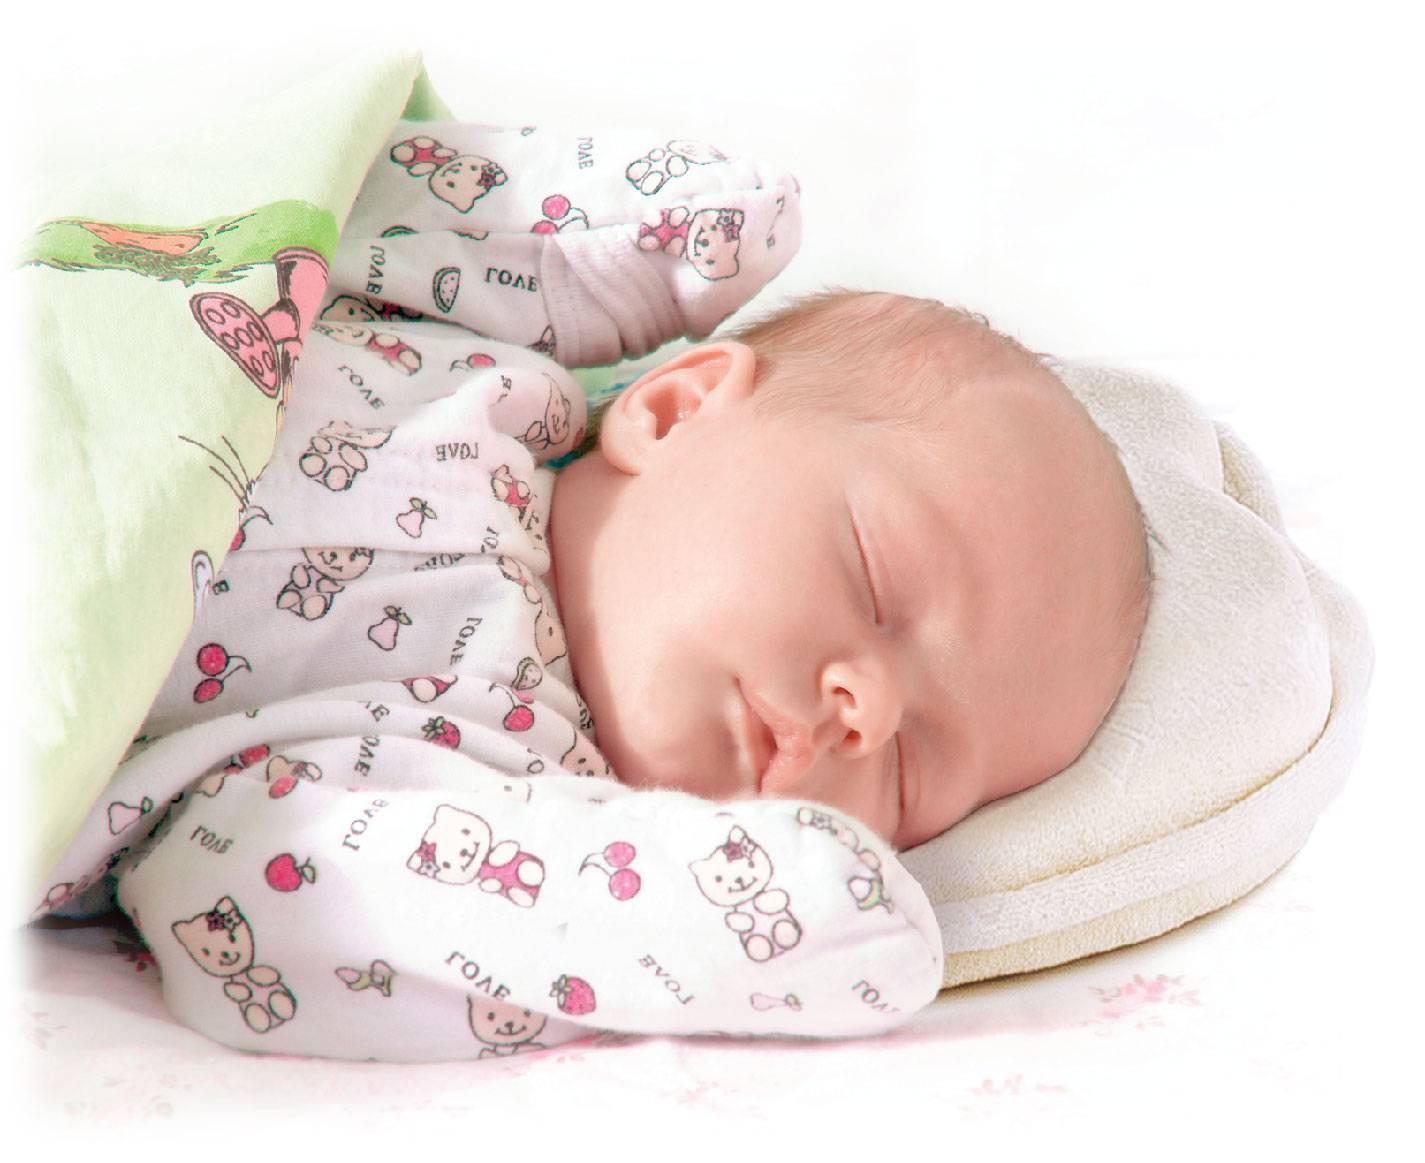 Как высыпаться с маленьким ребенком: советы дважды мамы двойняшек. как правильно укладывать детей спать